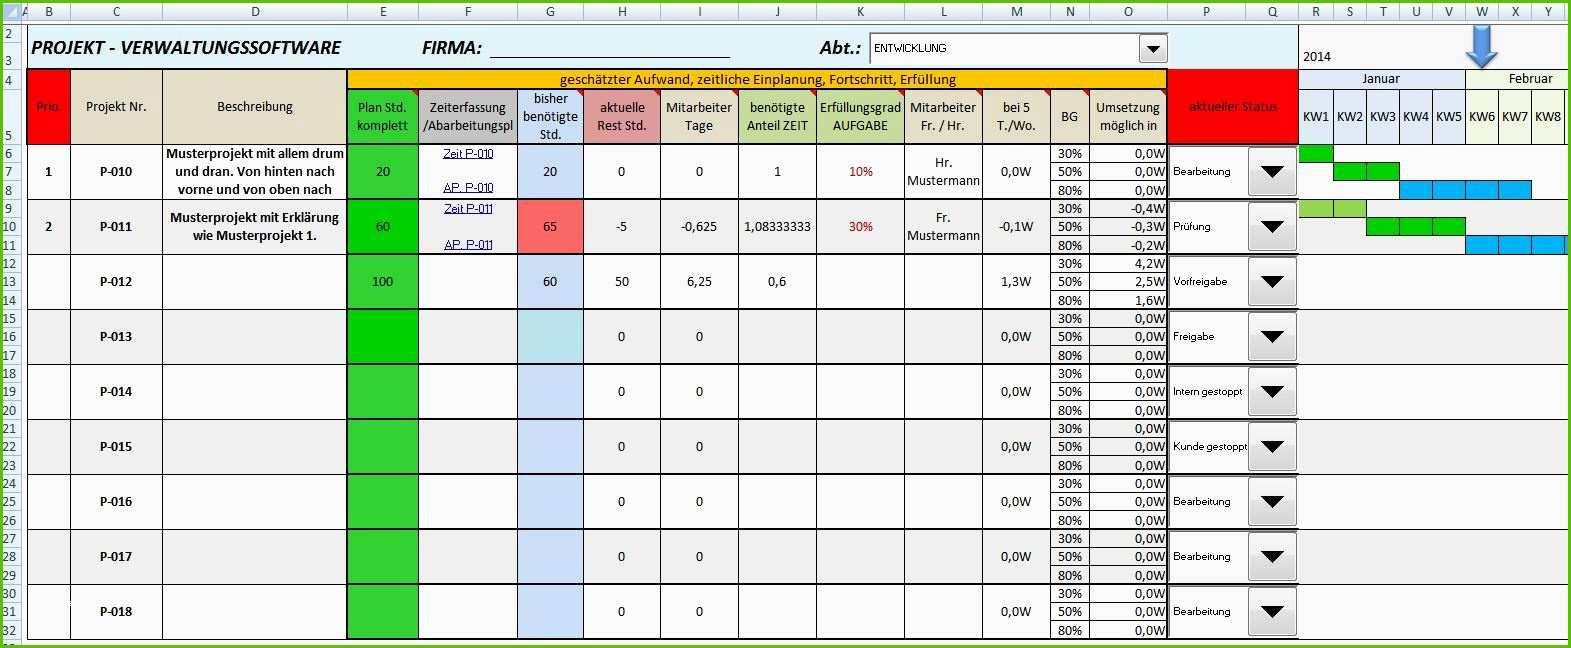 Tabelle Html  Kalender 2019 Zum Ausdrucken In Excel 16 Vorlagen